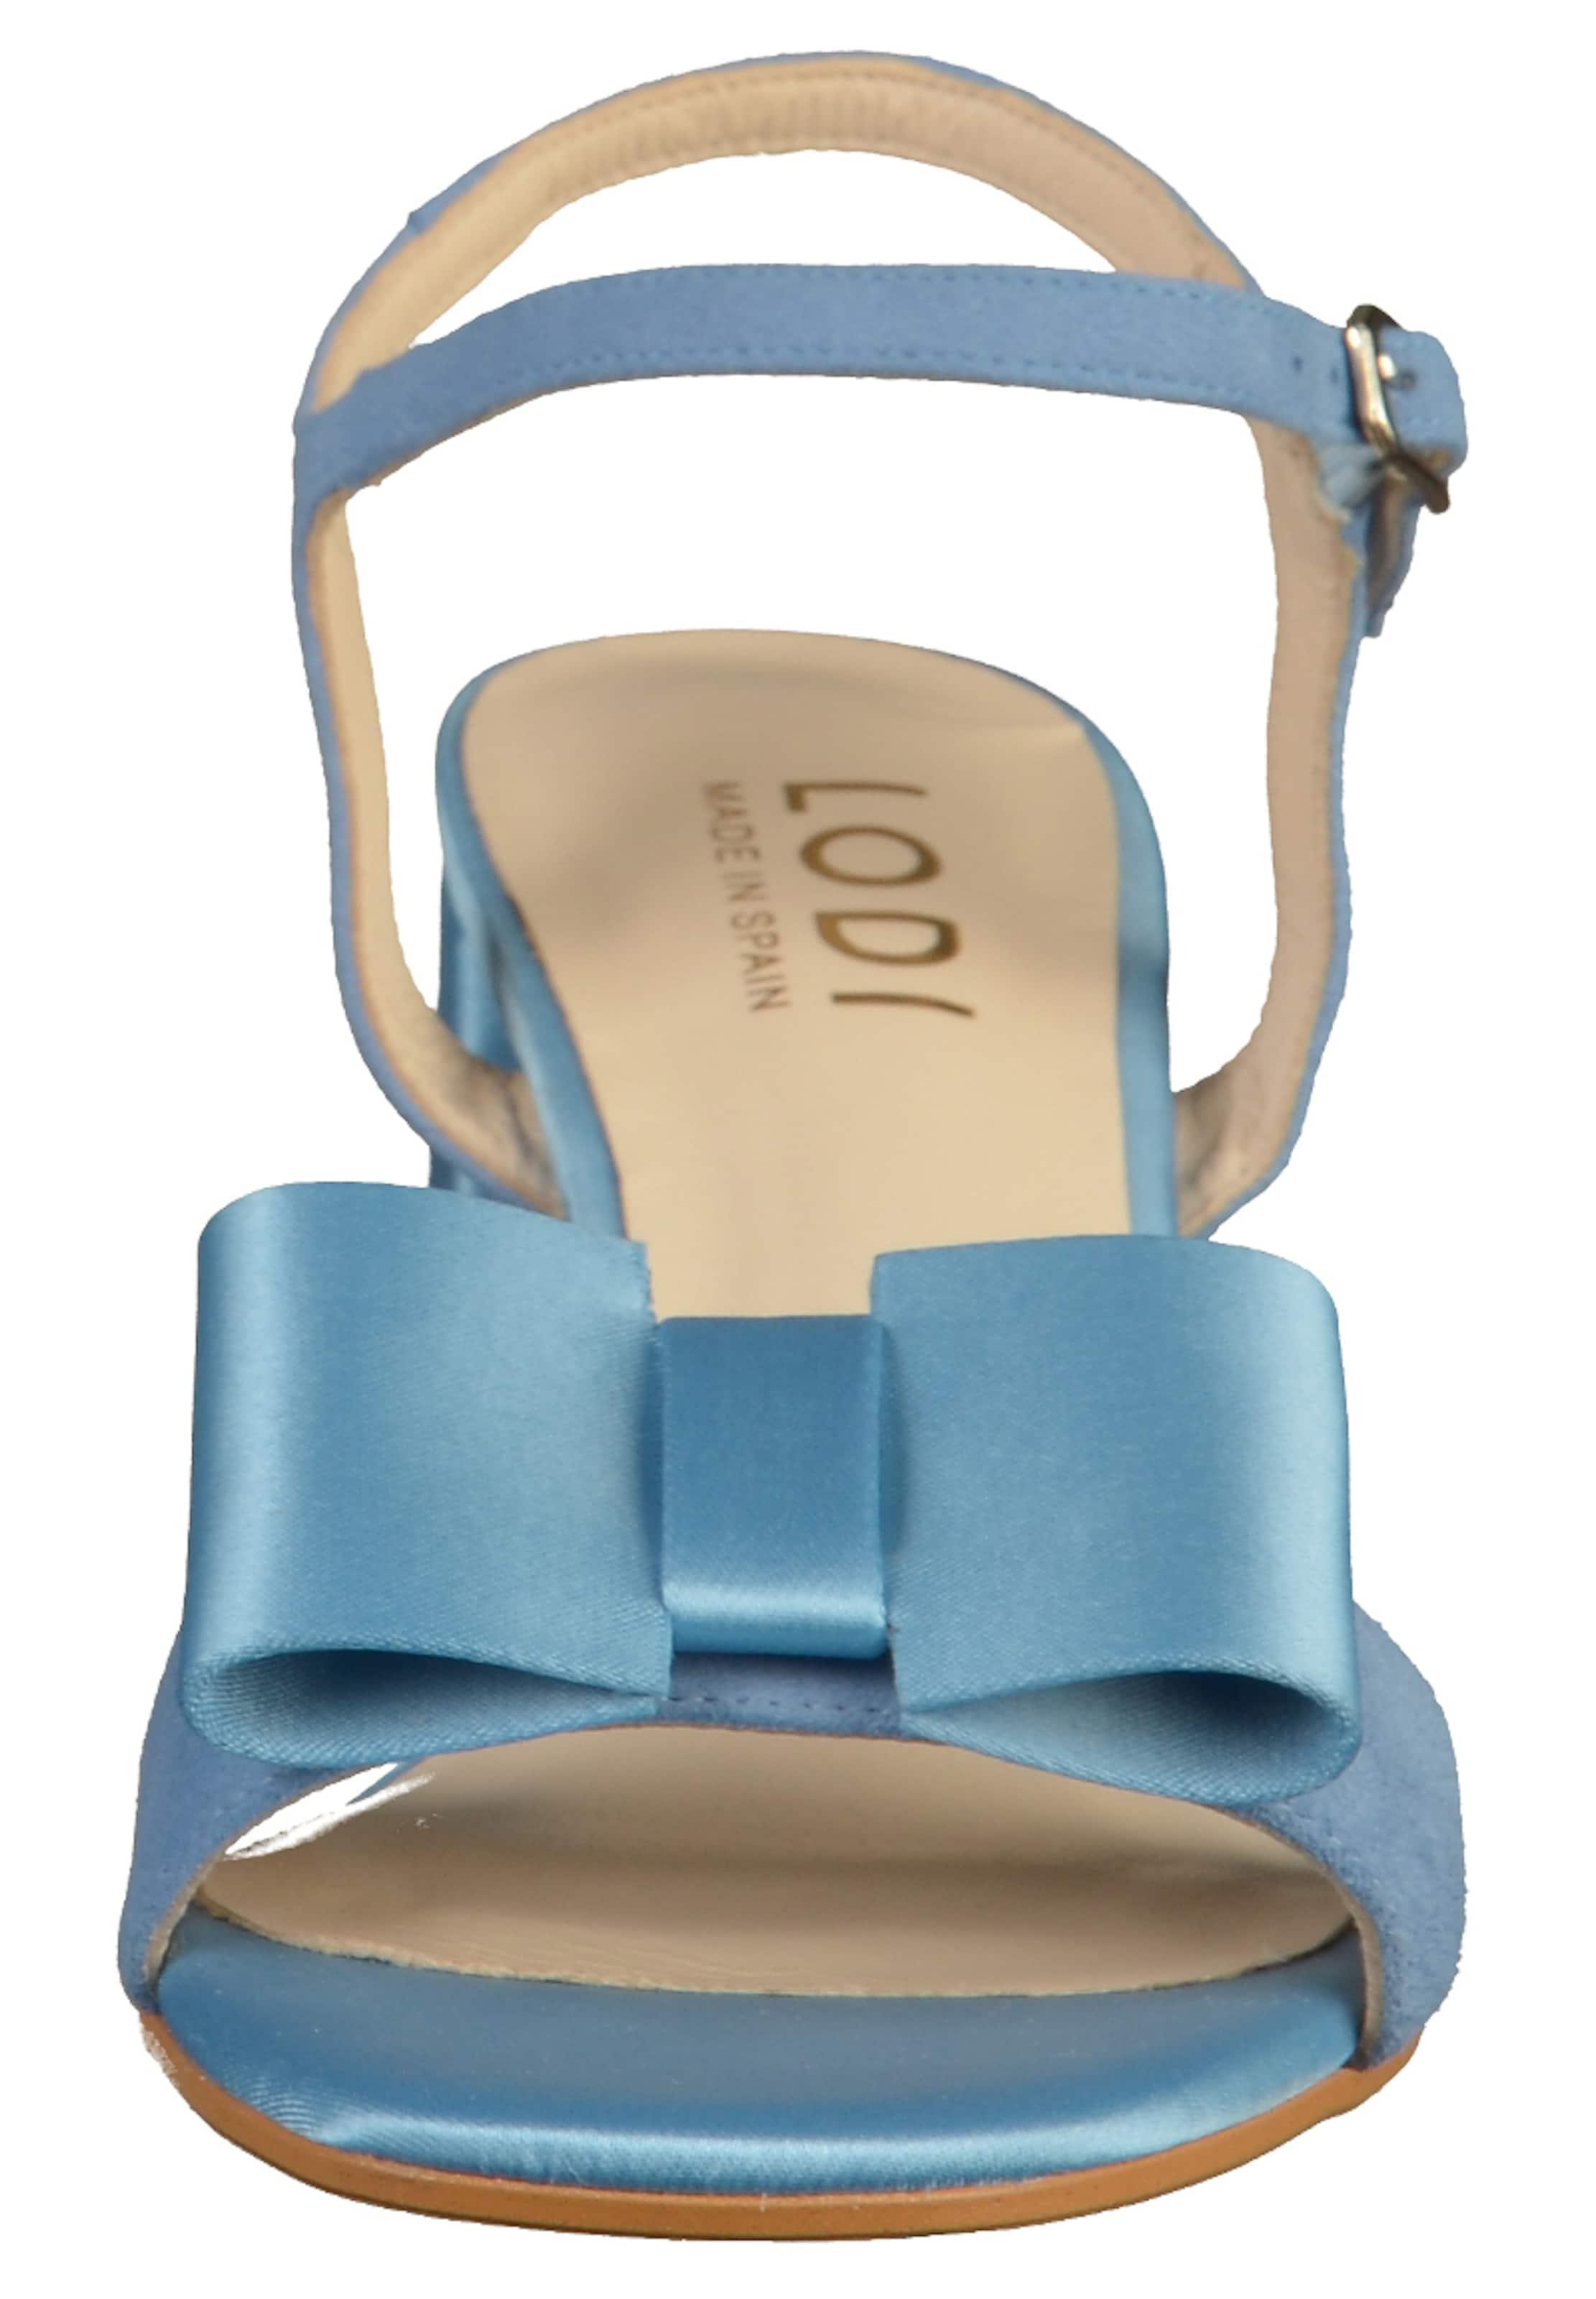 Lodi Sandalen Leder, Textil Bequem, Bequem, Bequem, gut aussehend dde98d